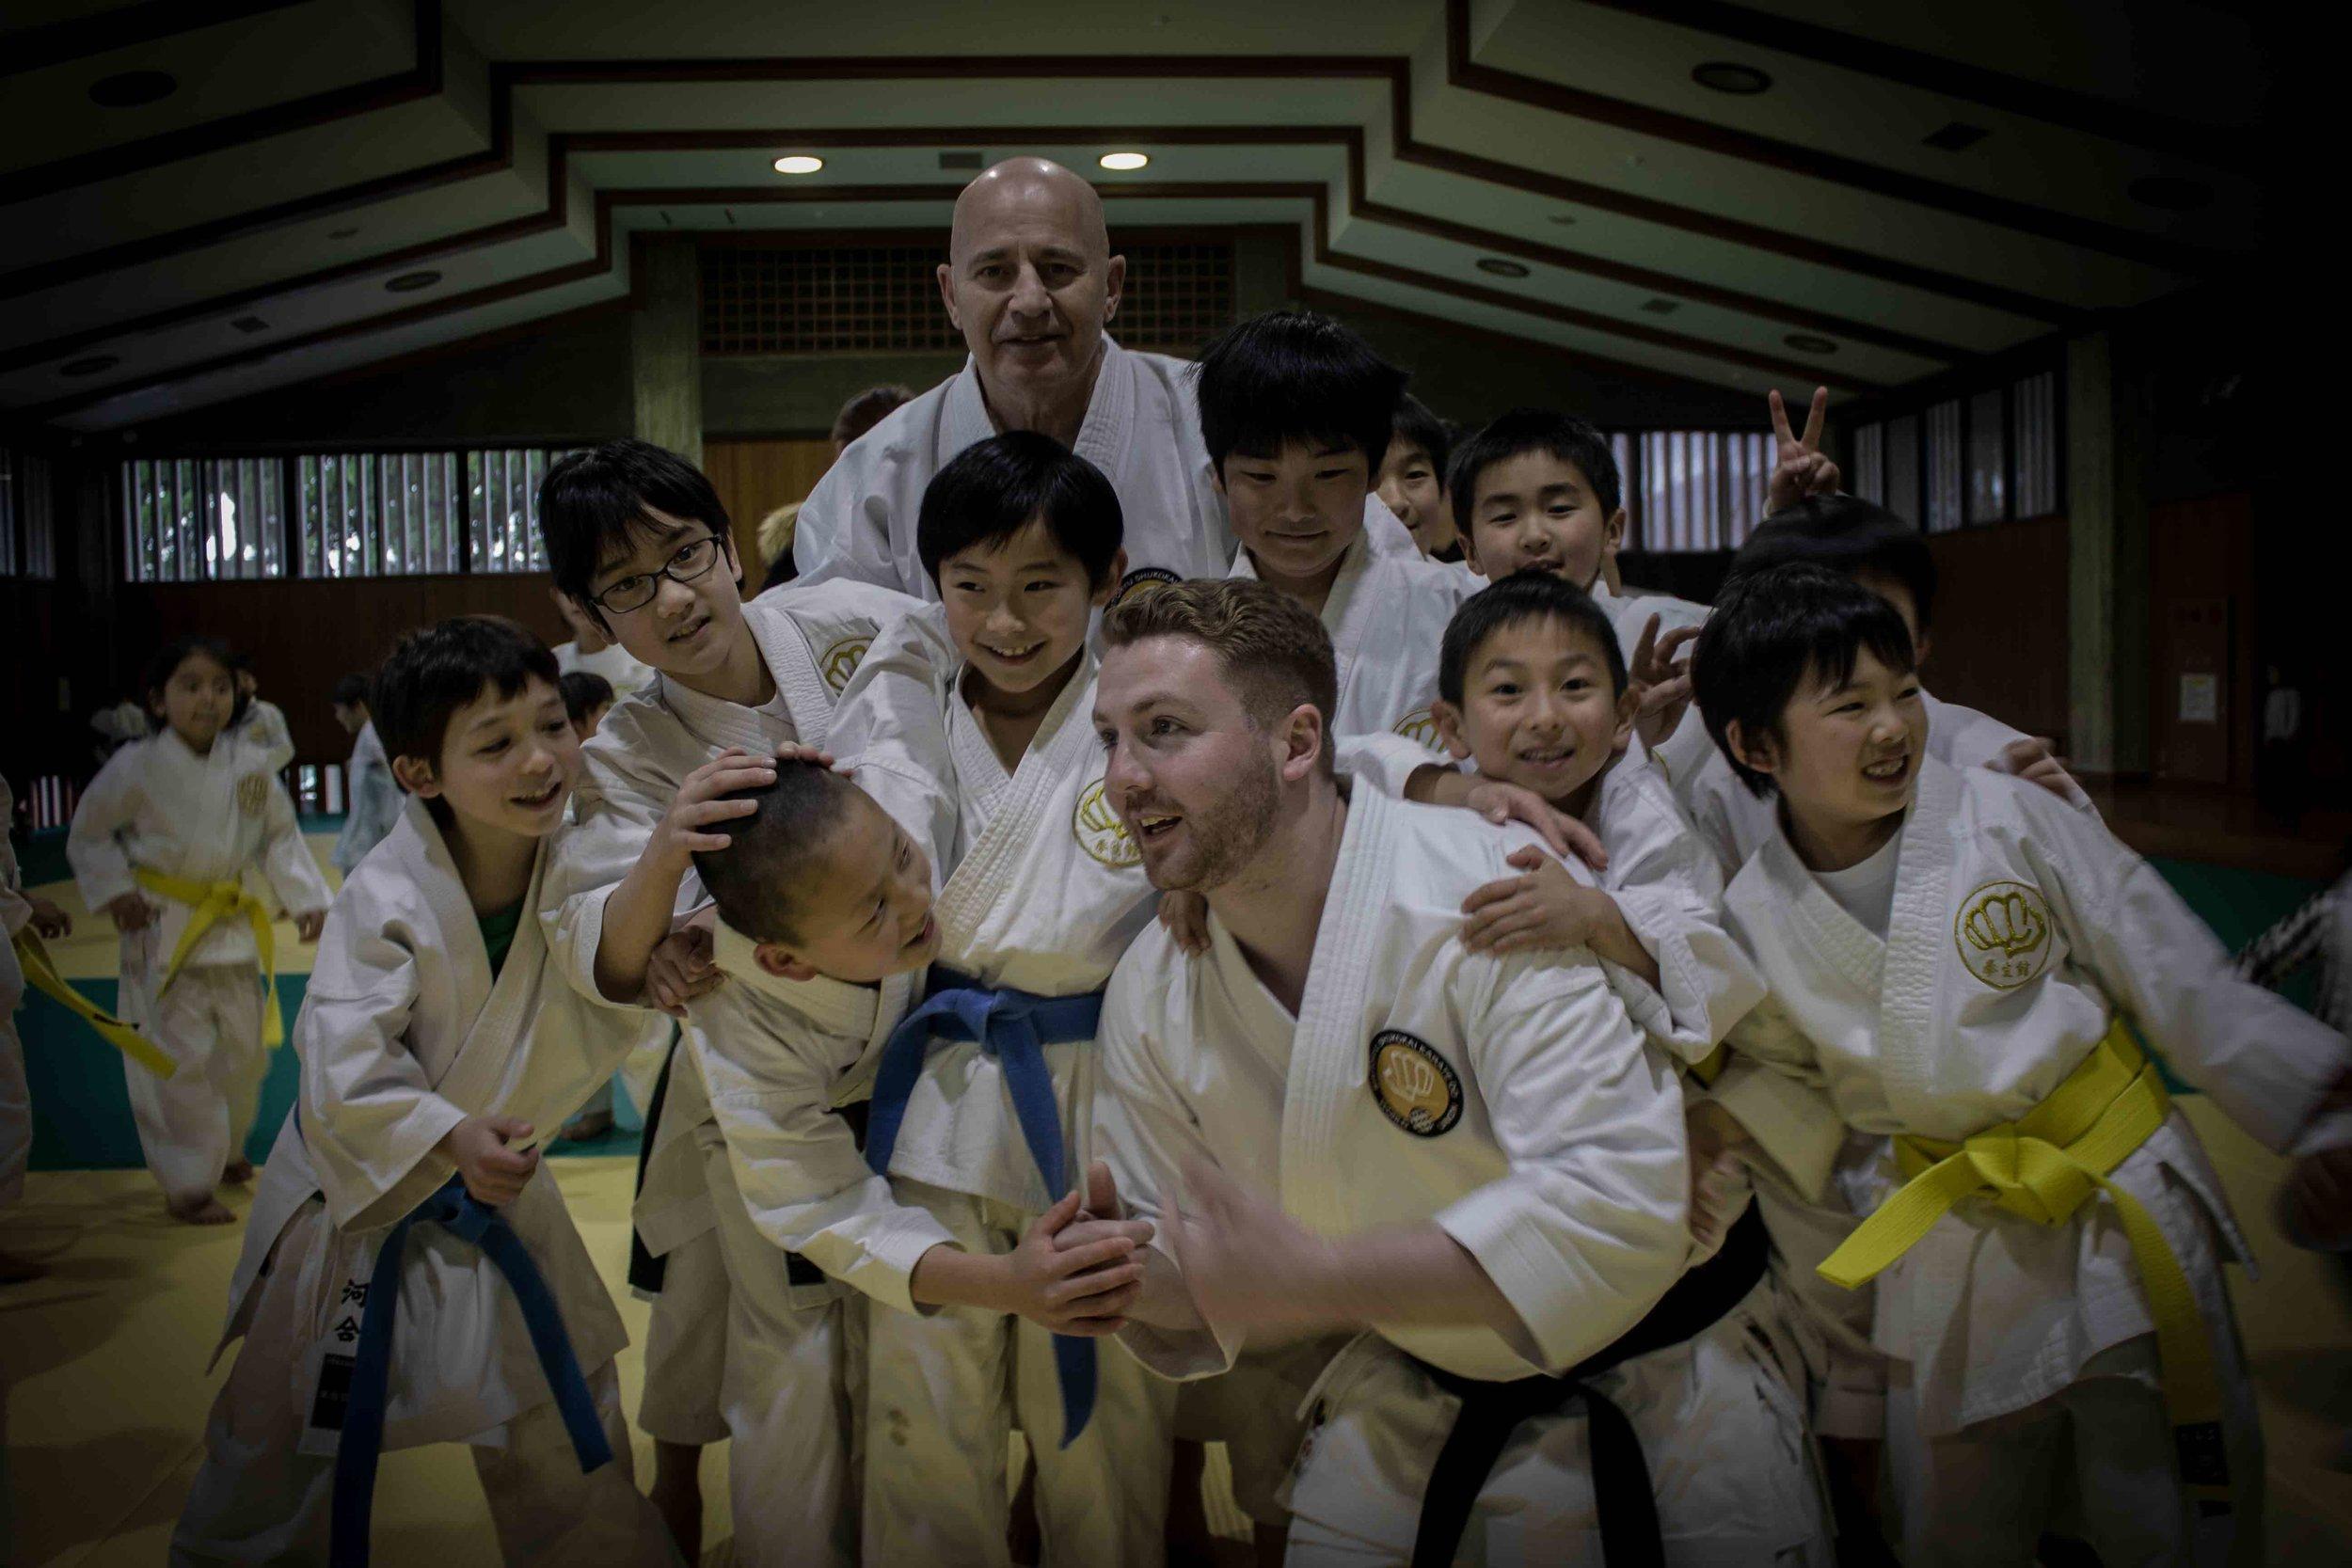 karatekids05.jpg